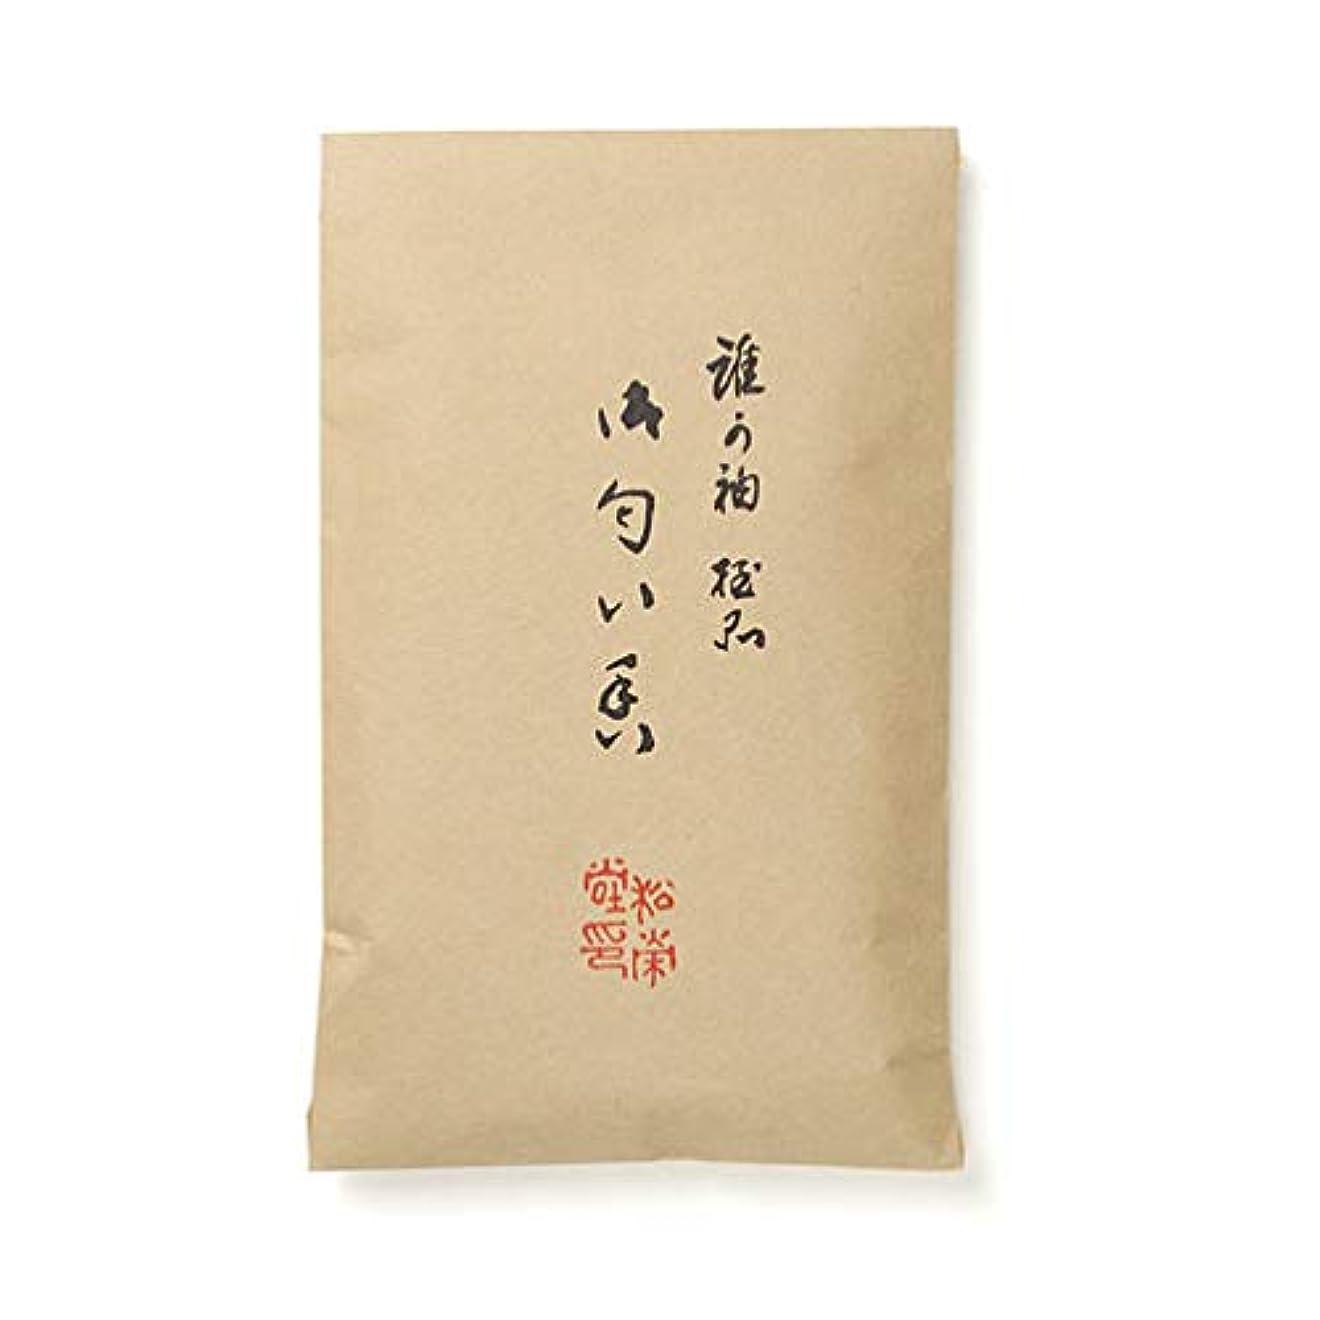 強化ピザスカーフ松栄堂 誰が袖 極品 匂い香 50g袋入